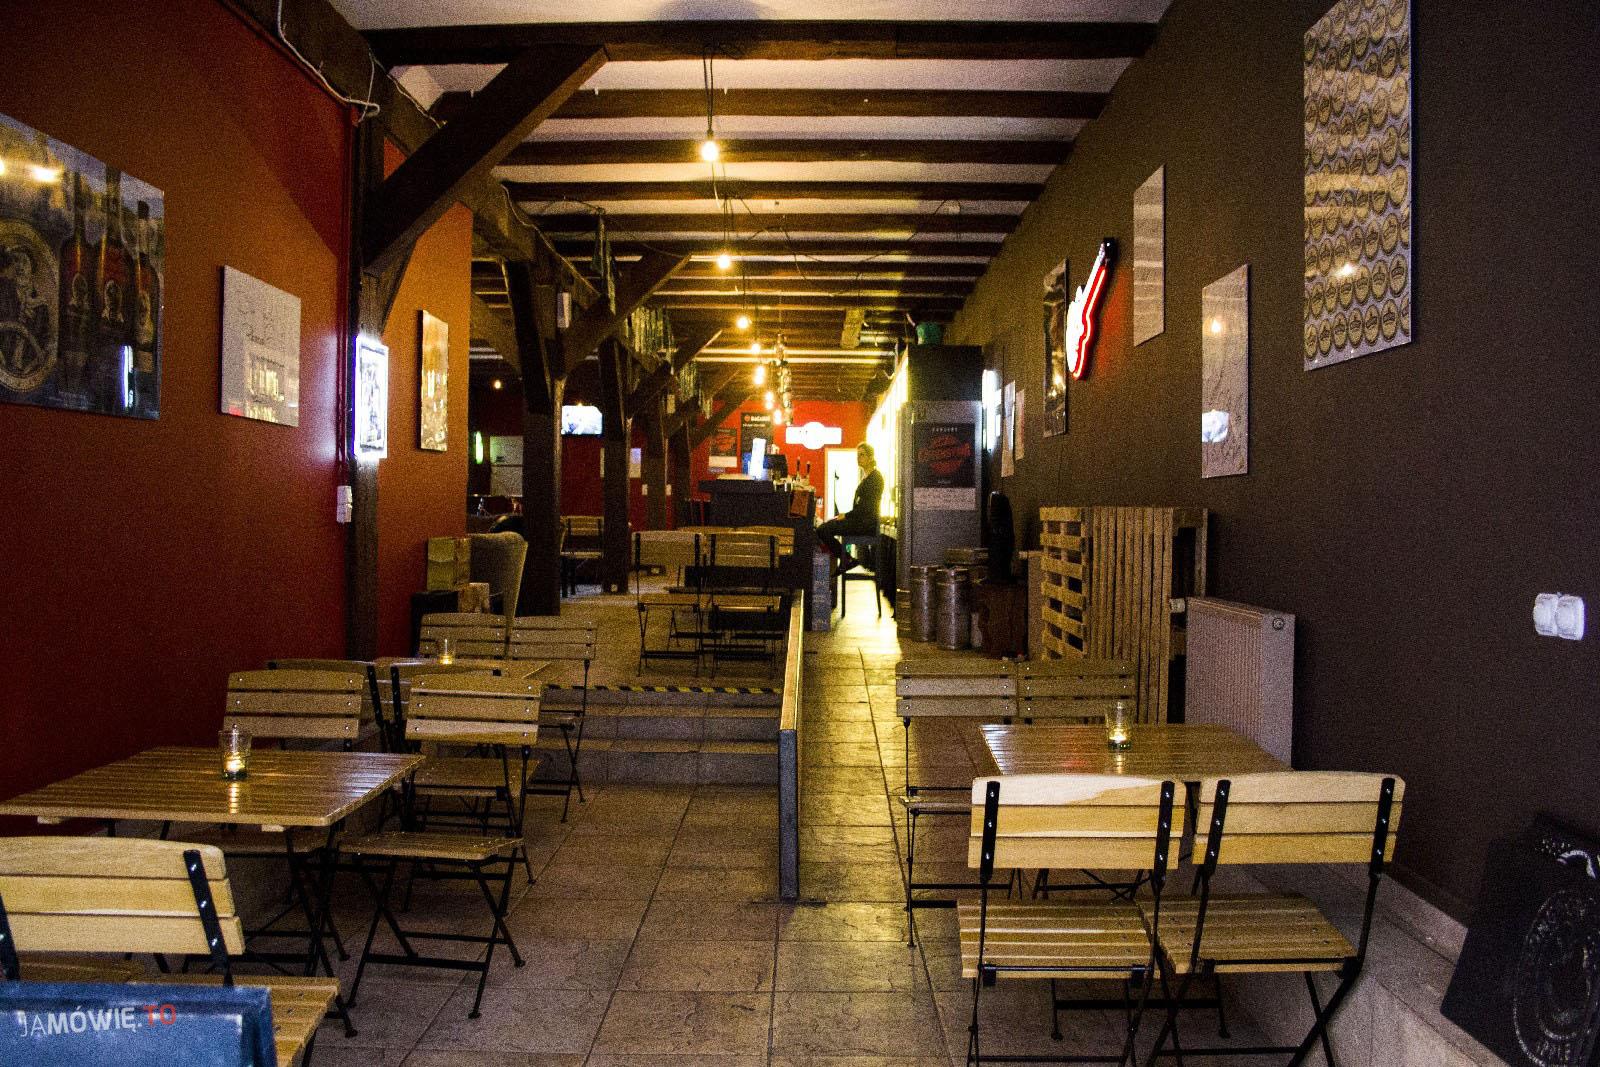 Najlepsze kawiarnie i bary w Toruniu - Ja mówię TO https://jamowie.to